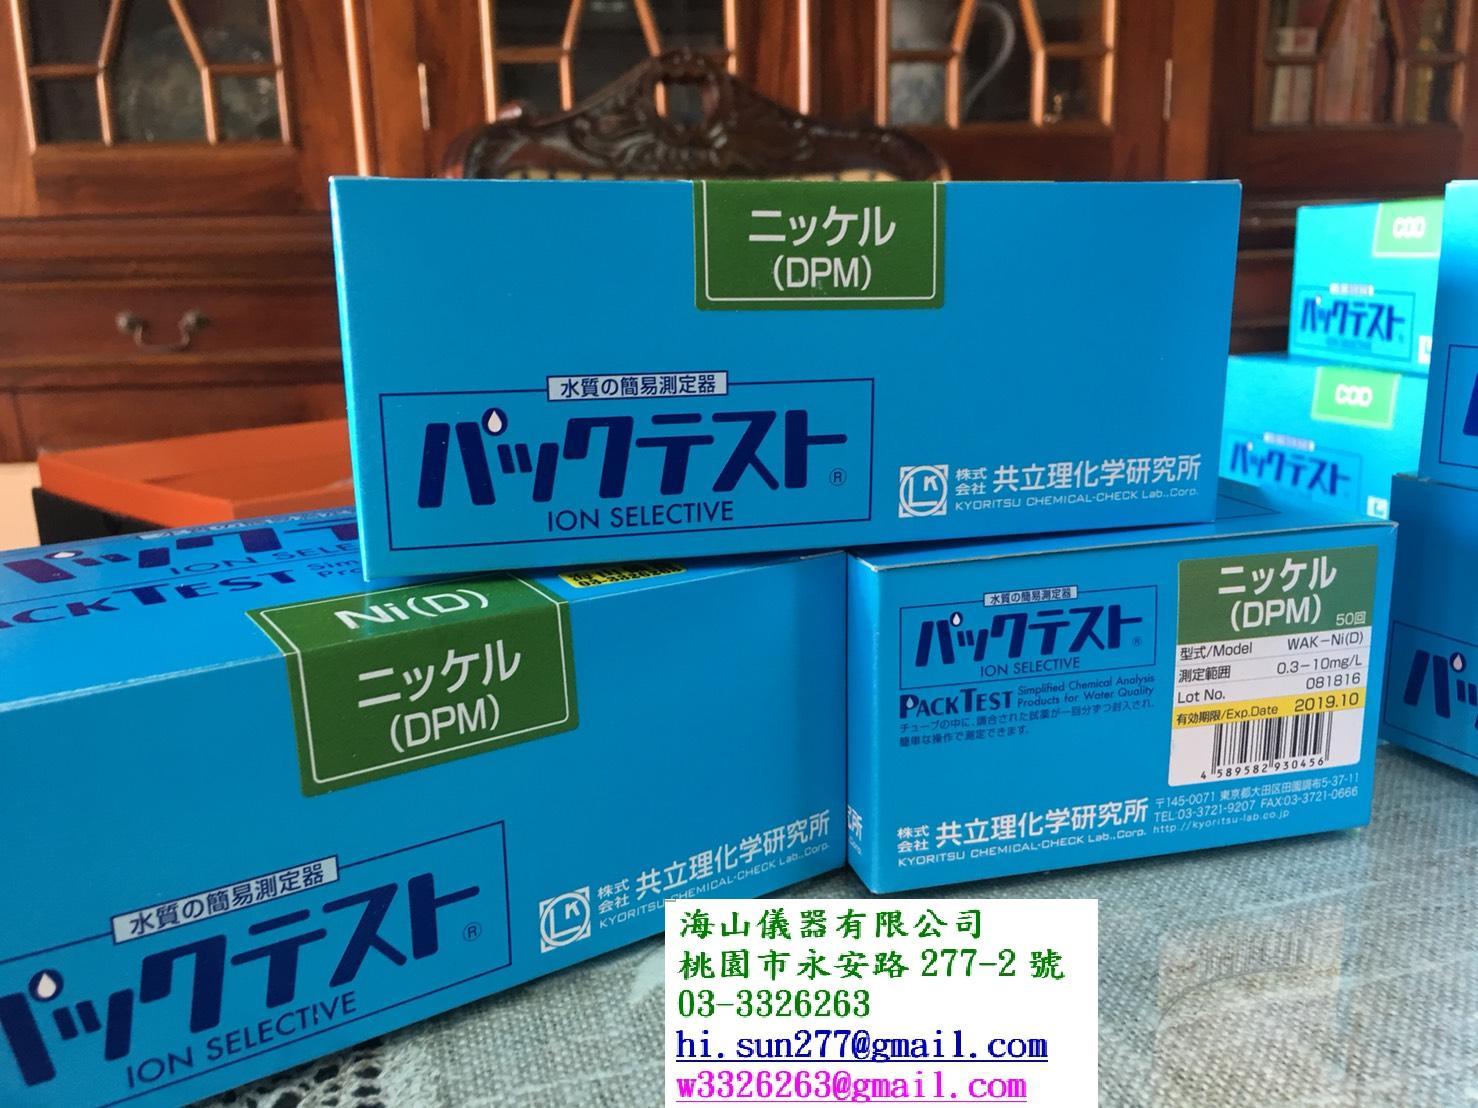 NI(D)鎳 WAK 水質測試包-海山儀器-經銷販售